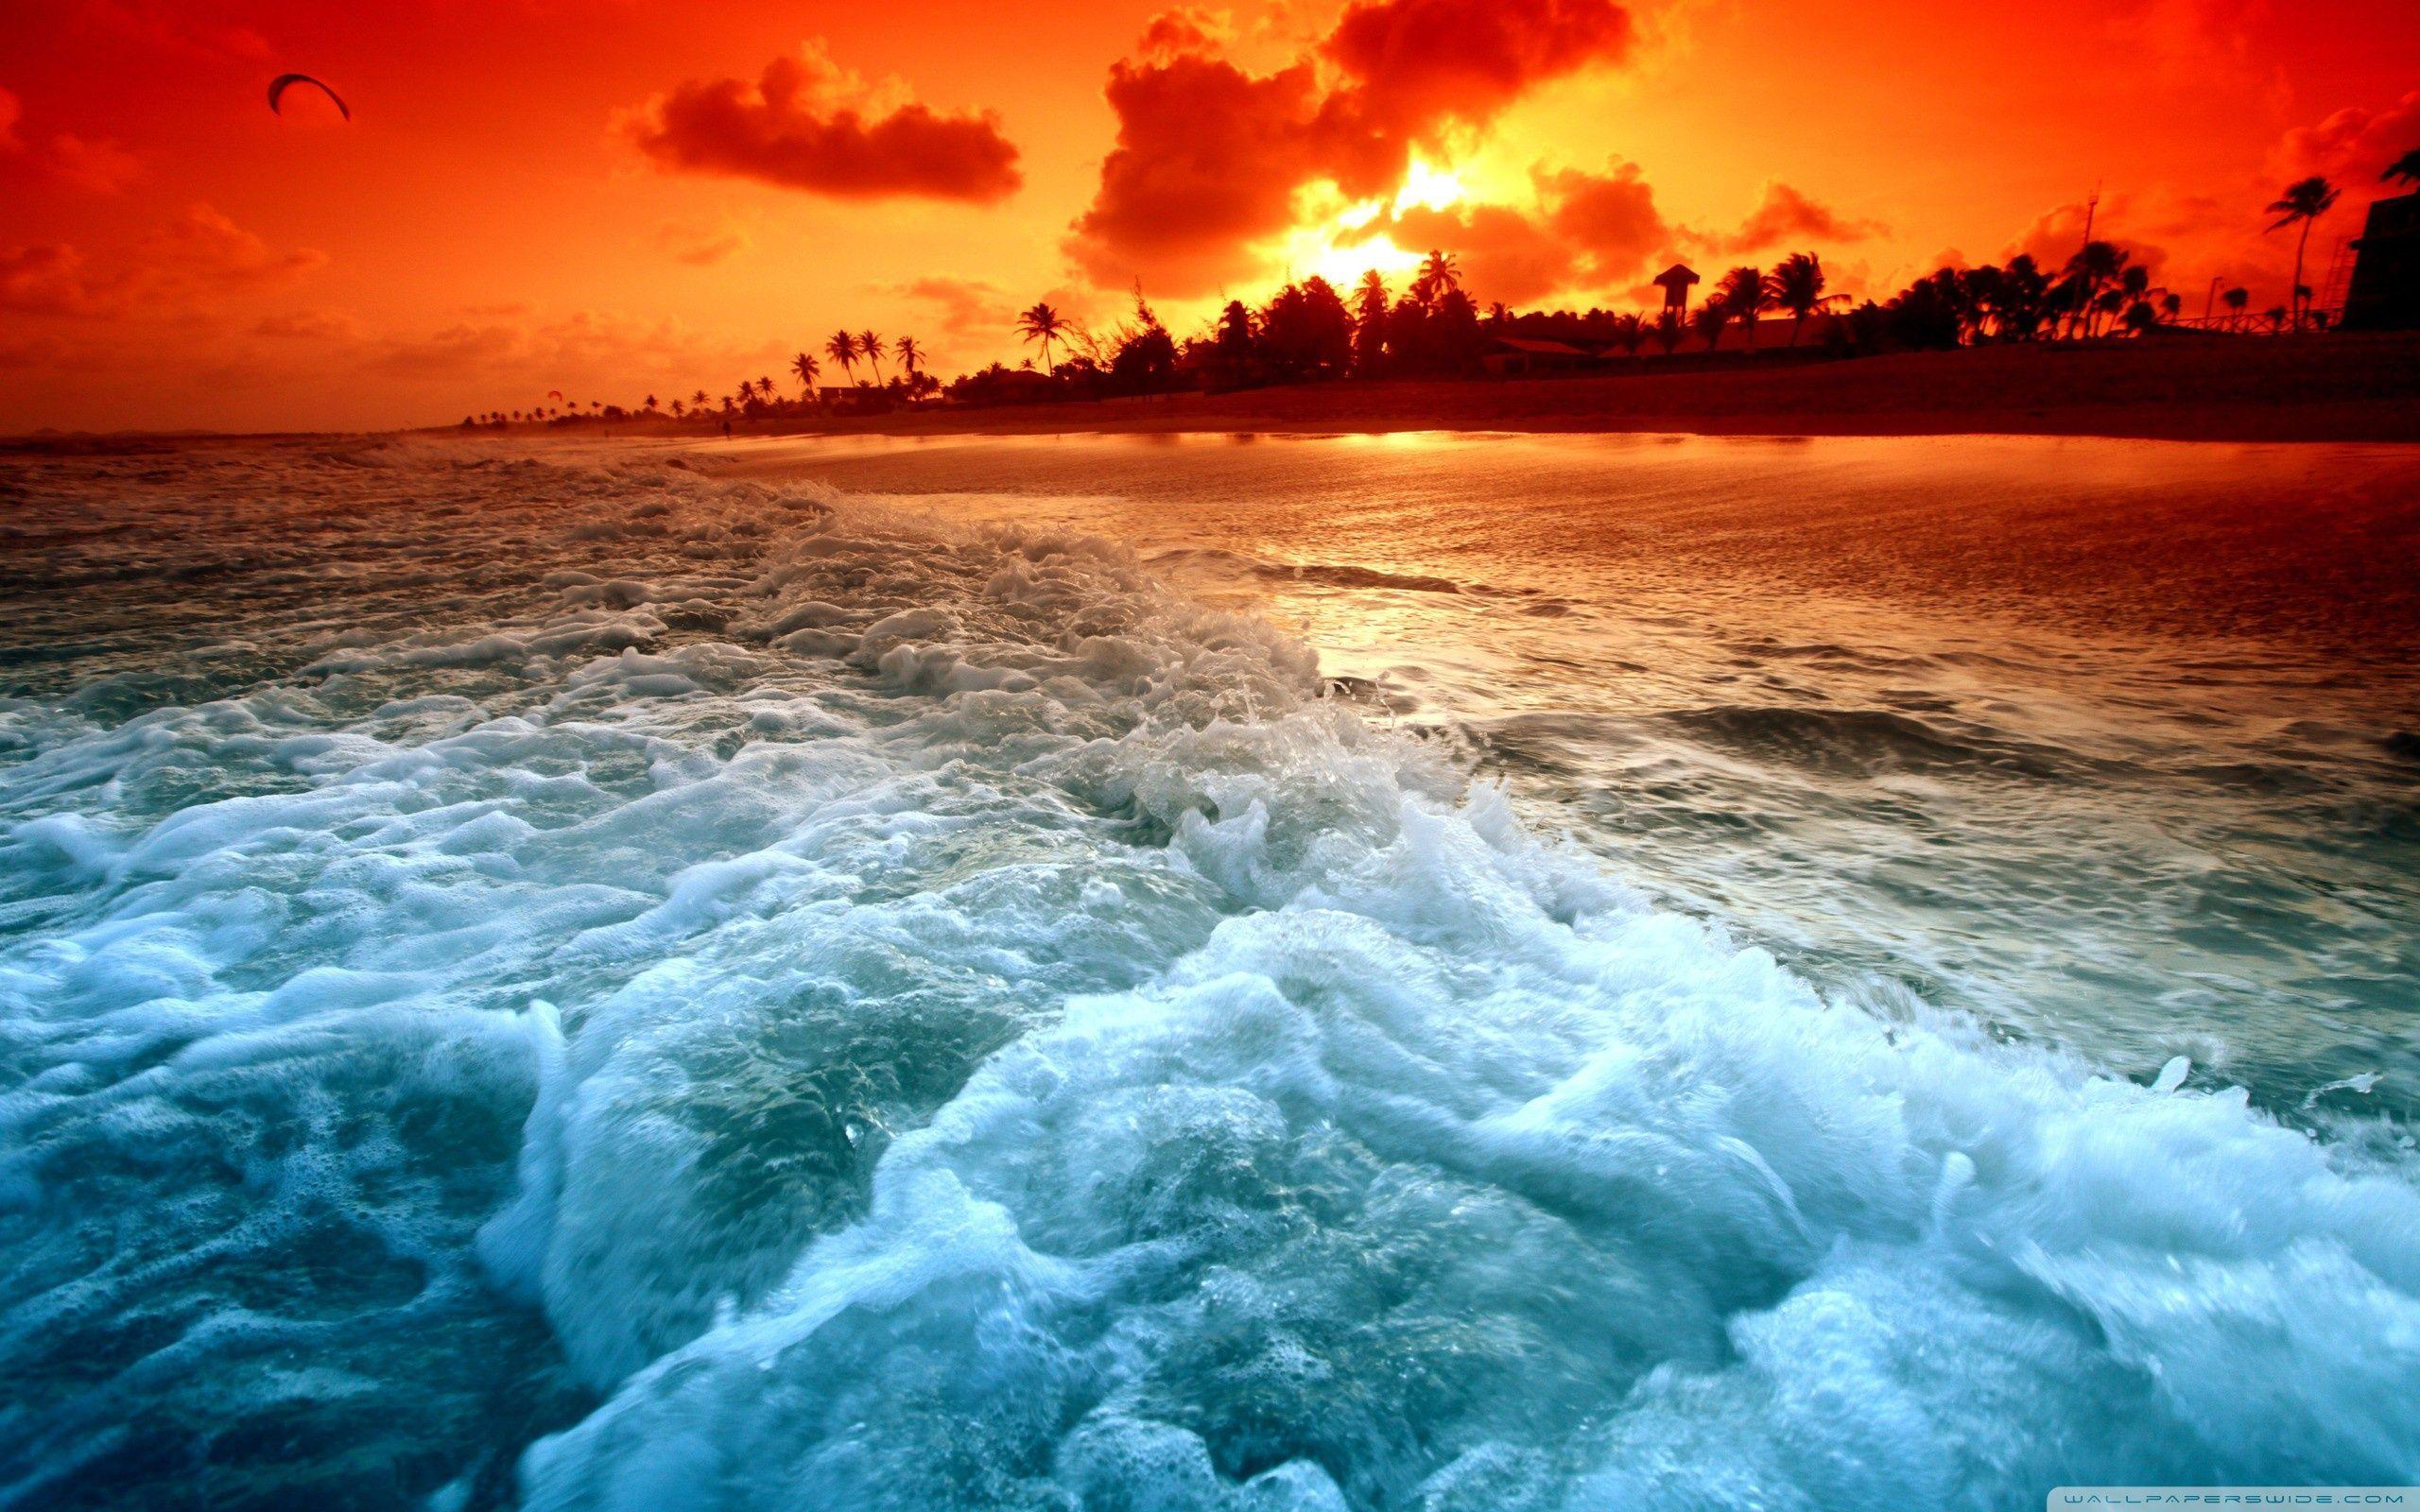 Beach Sunset Wallpapers Top Free Beach Sunset Backgrounds Wallpaperaccess